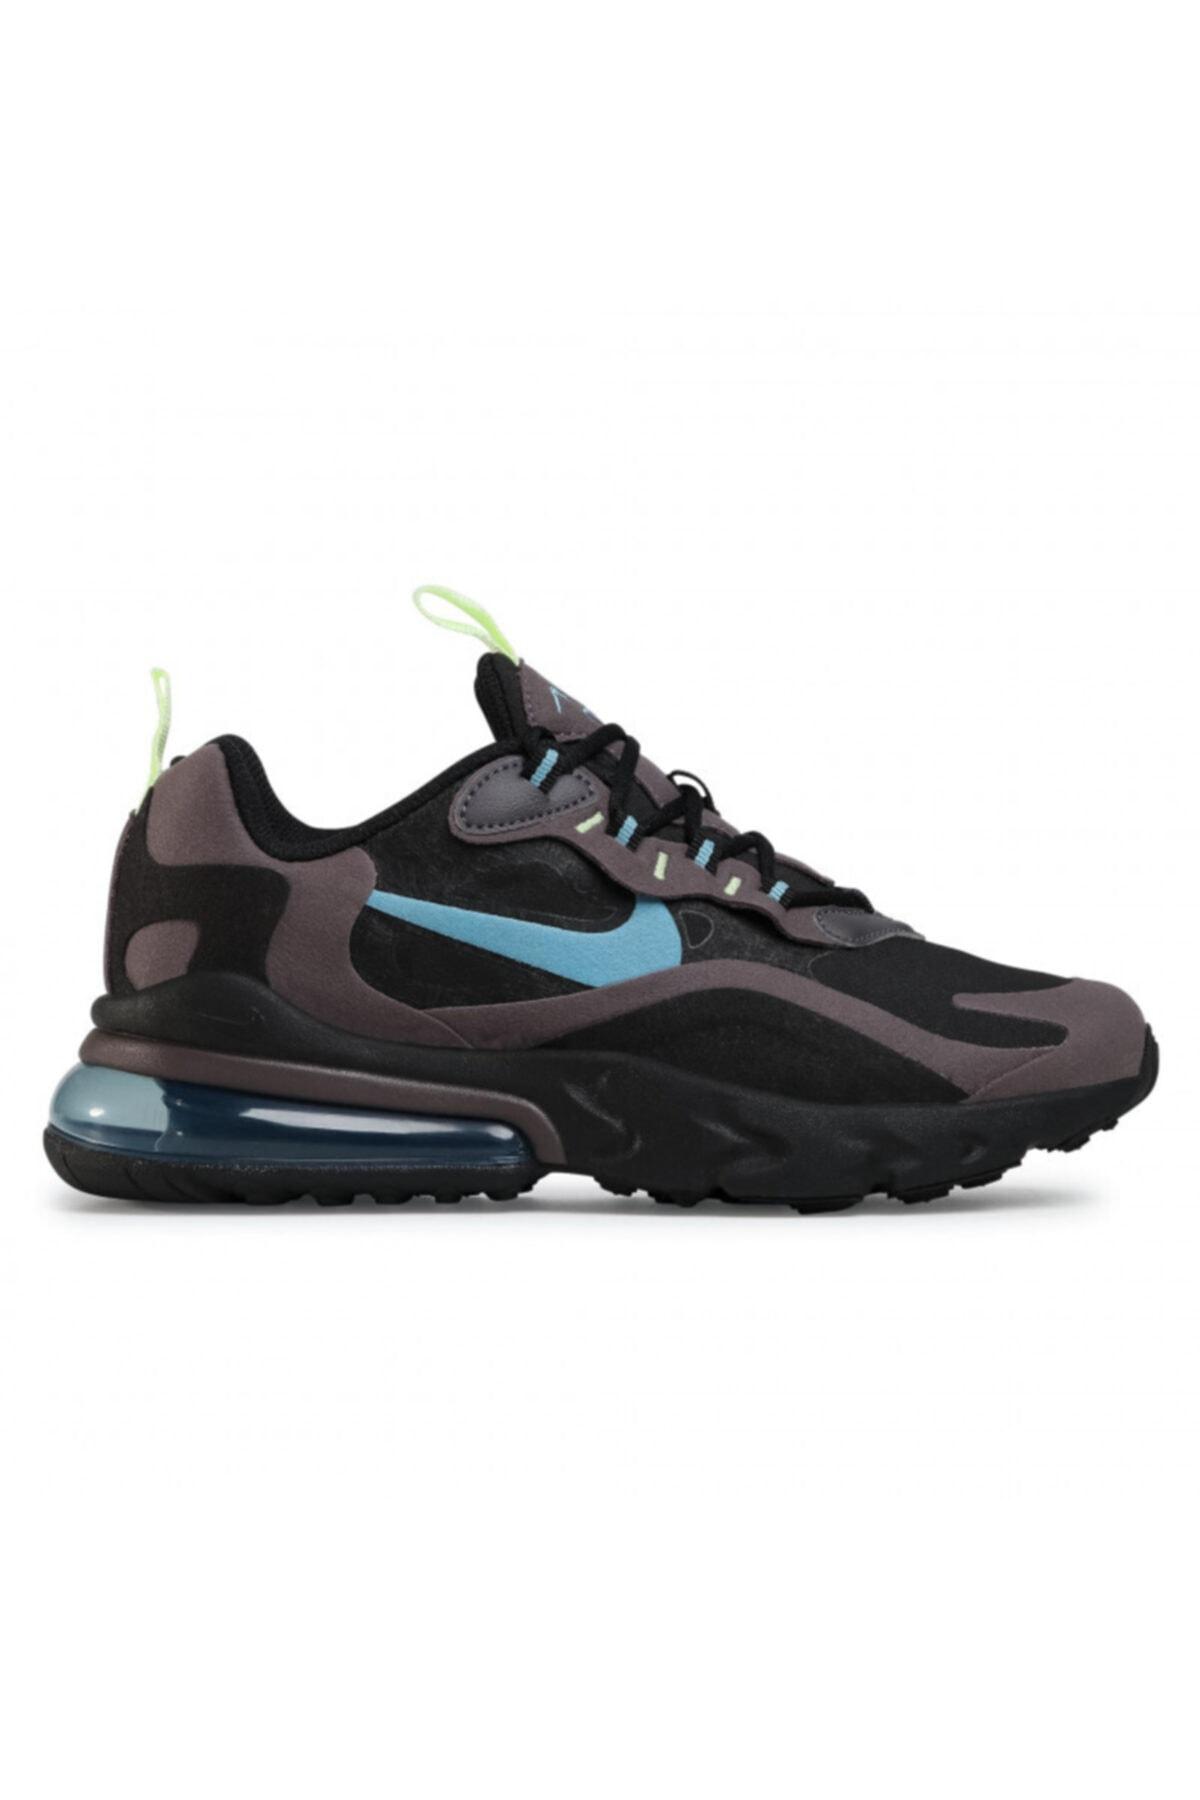 Nike Air Max 270 React Bq0103 012 Black/cerulean/thunder Grey 1